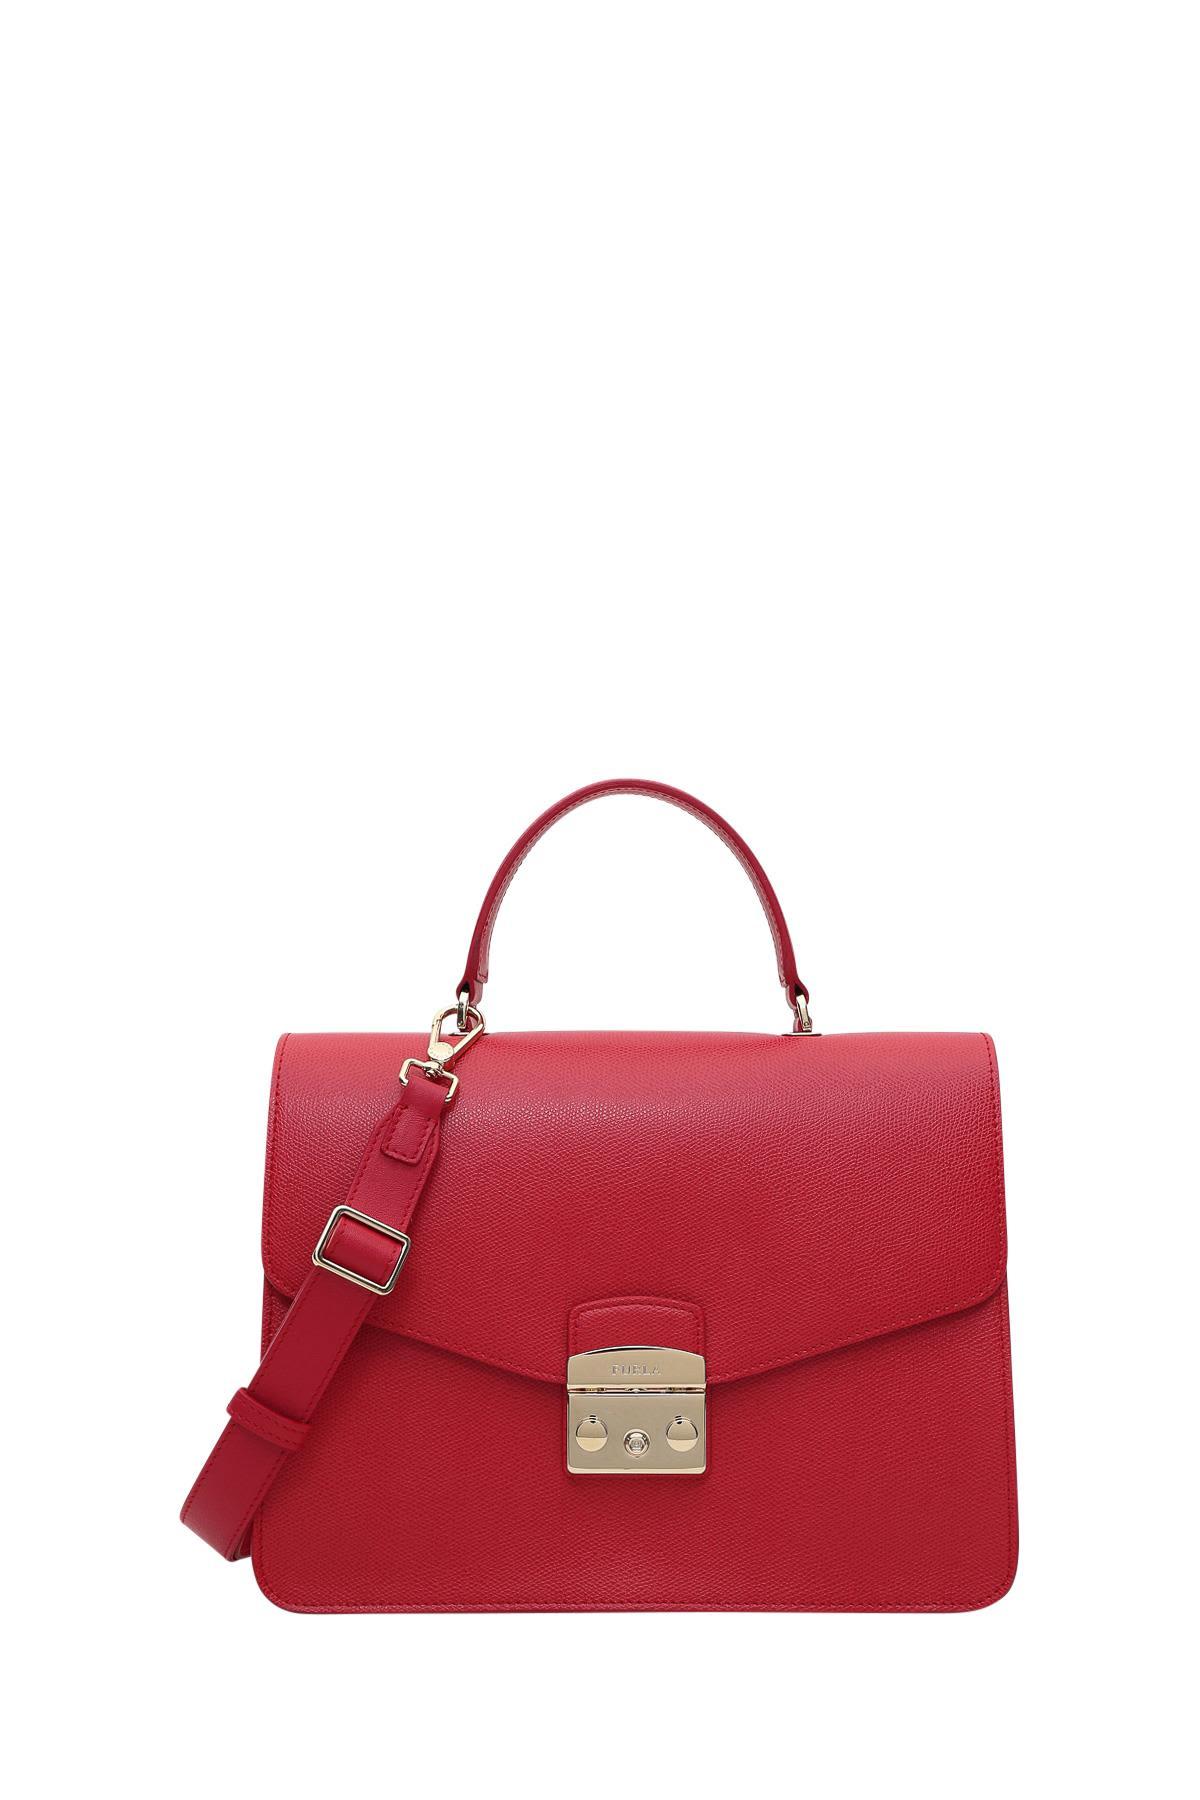 Furla Metropolis M Top Handle Bag